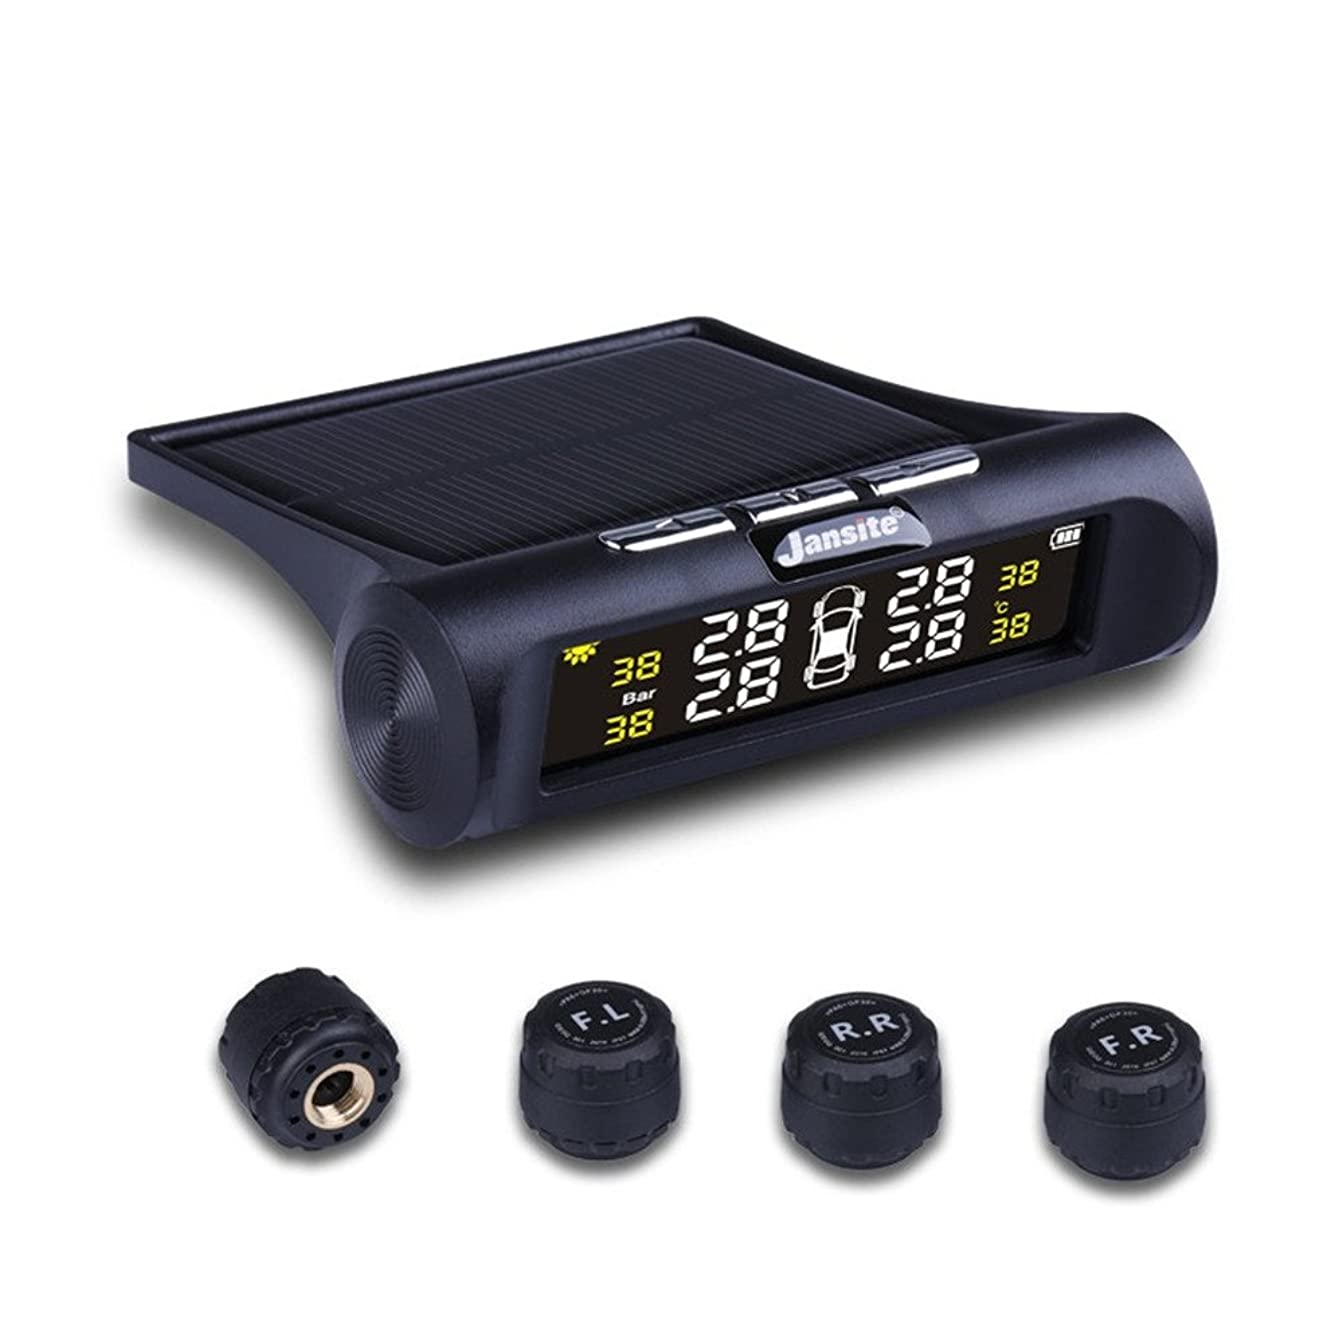 プレゼンターサービス膿瘍タイヤ空気圧モニタリングシステム 気圧温度即時監視 太陽能/USB二重充電 ソーラーワイヤレスTPMS モニタリングシステム+4外部センサー